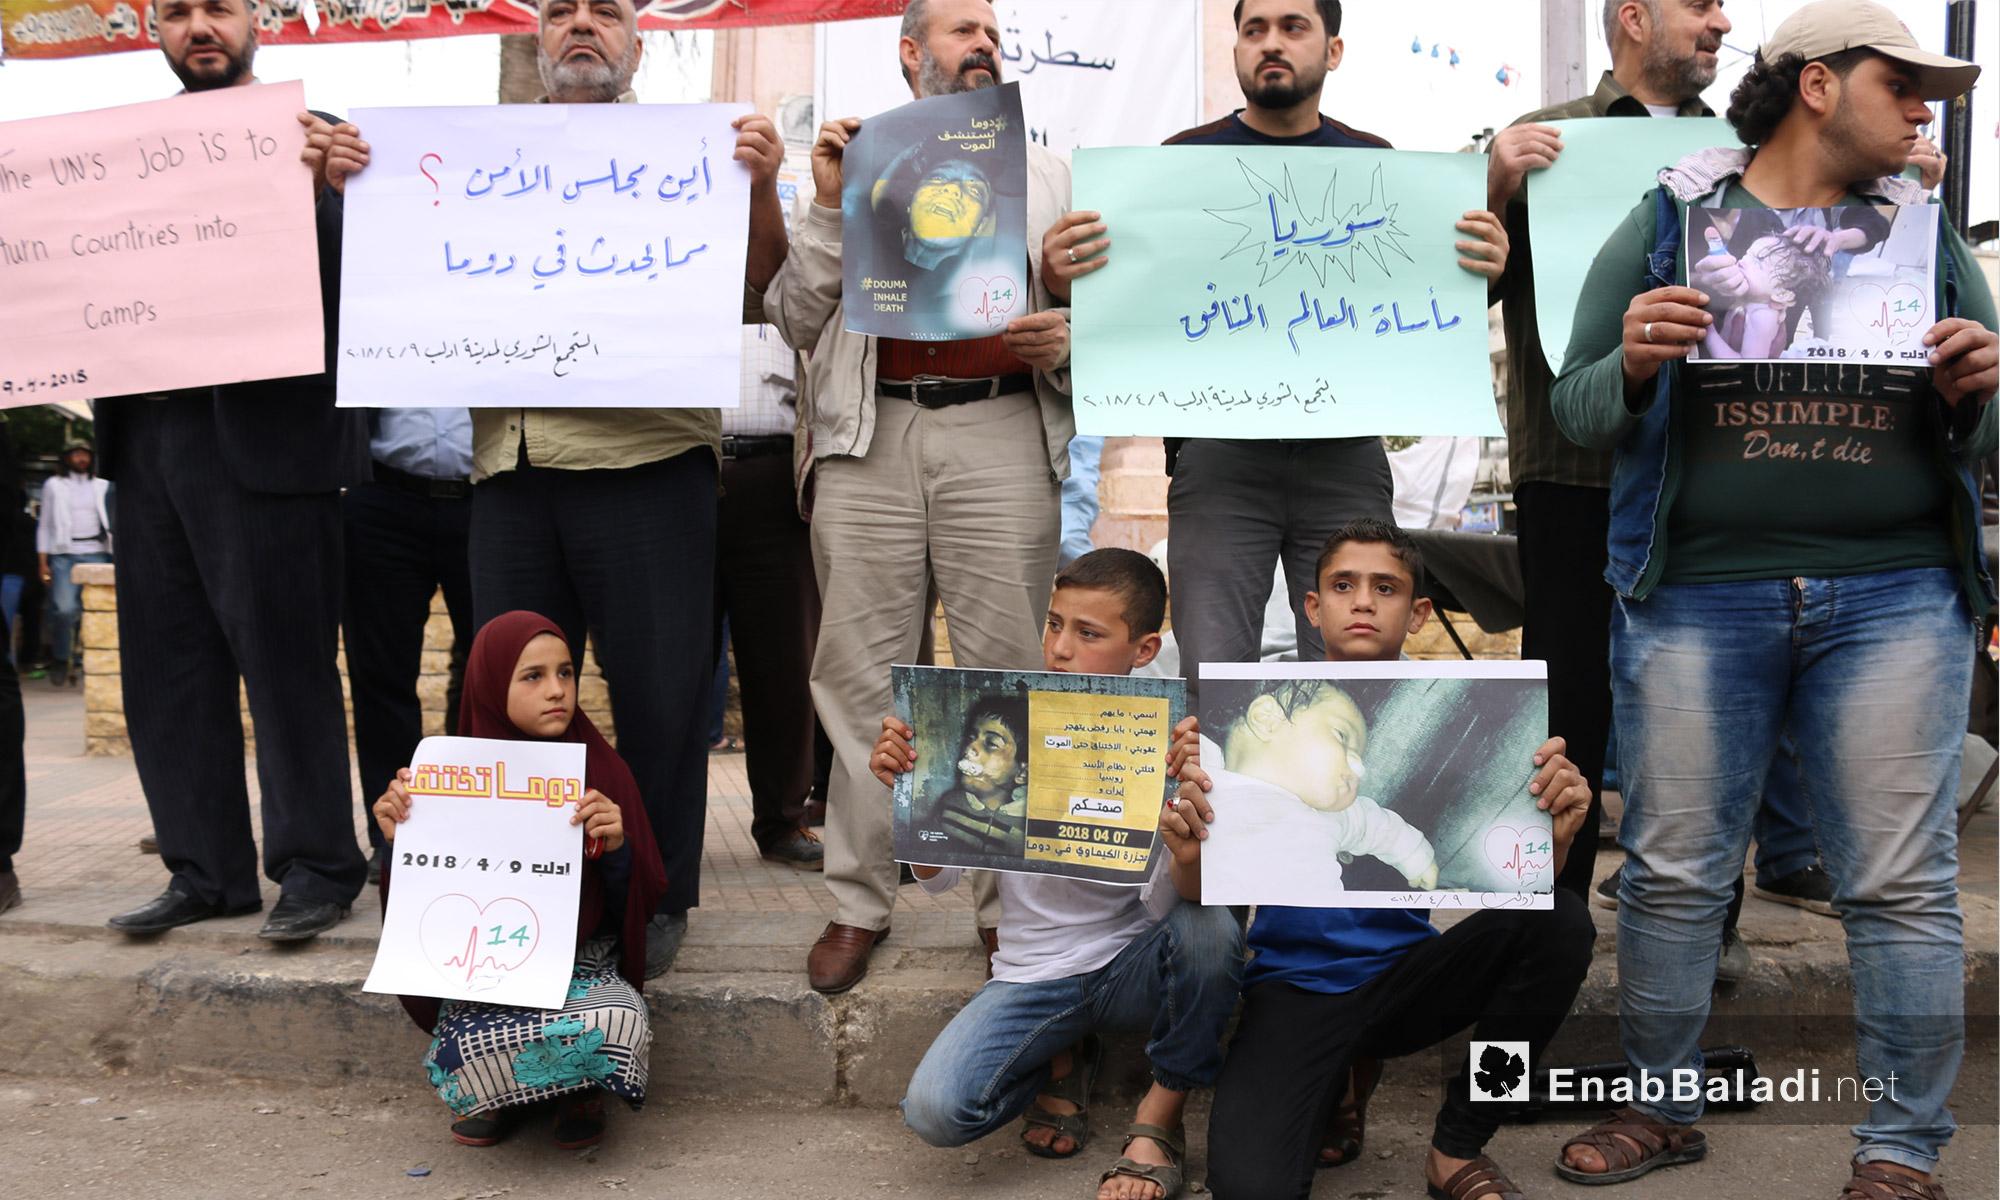 وقفة تضامنية لأهالي إدلب مع دوما بعد مجزرة الكيماوي - 9 من نيسان 2018 (عنب بلدي)